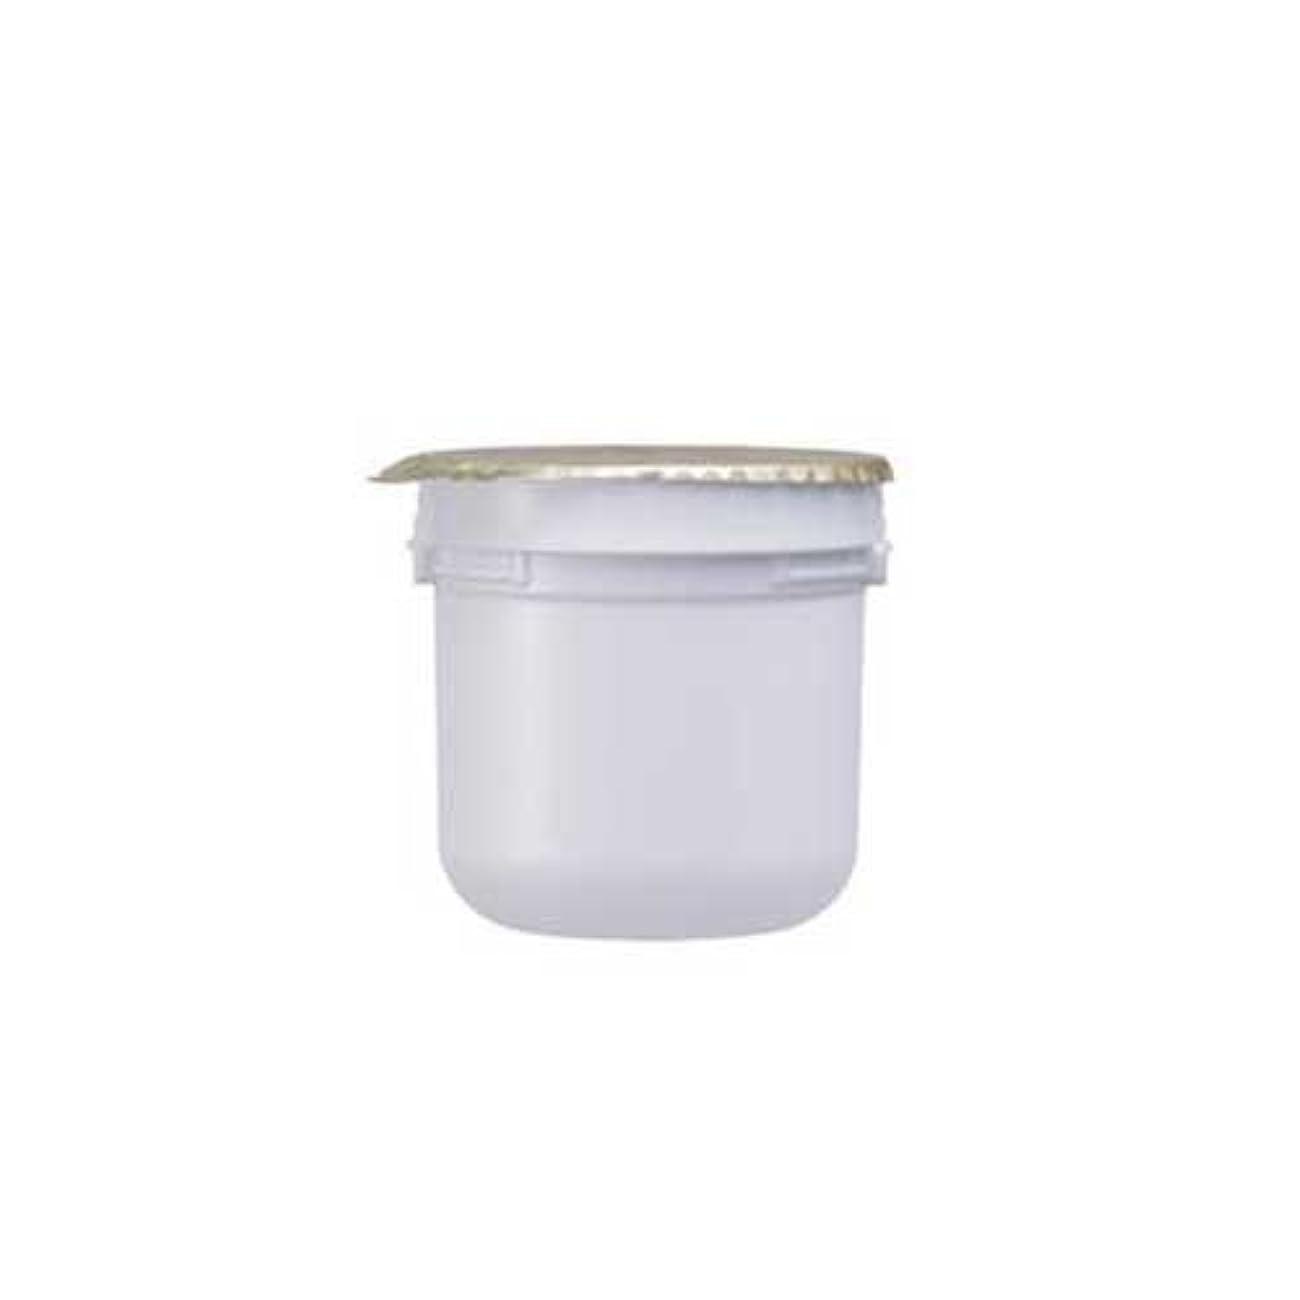 修士号区別がっかりするASTALIFT(アスタリフト) ホワイト クリーム(美白クリーム)レフィル 30g